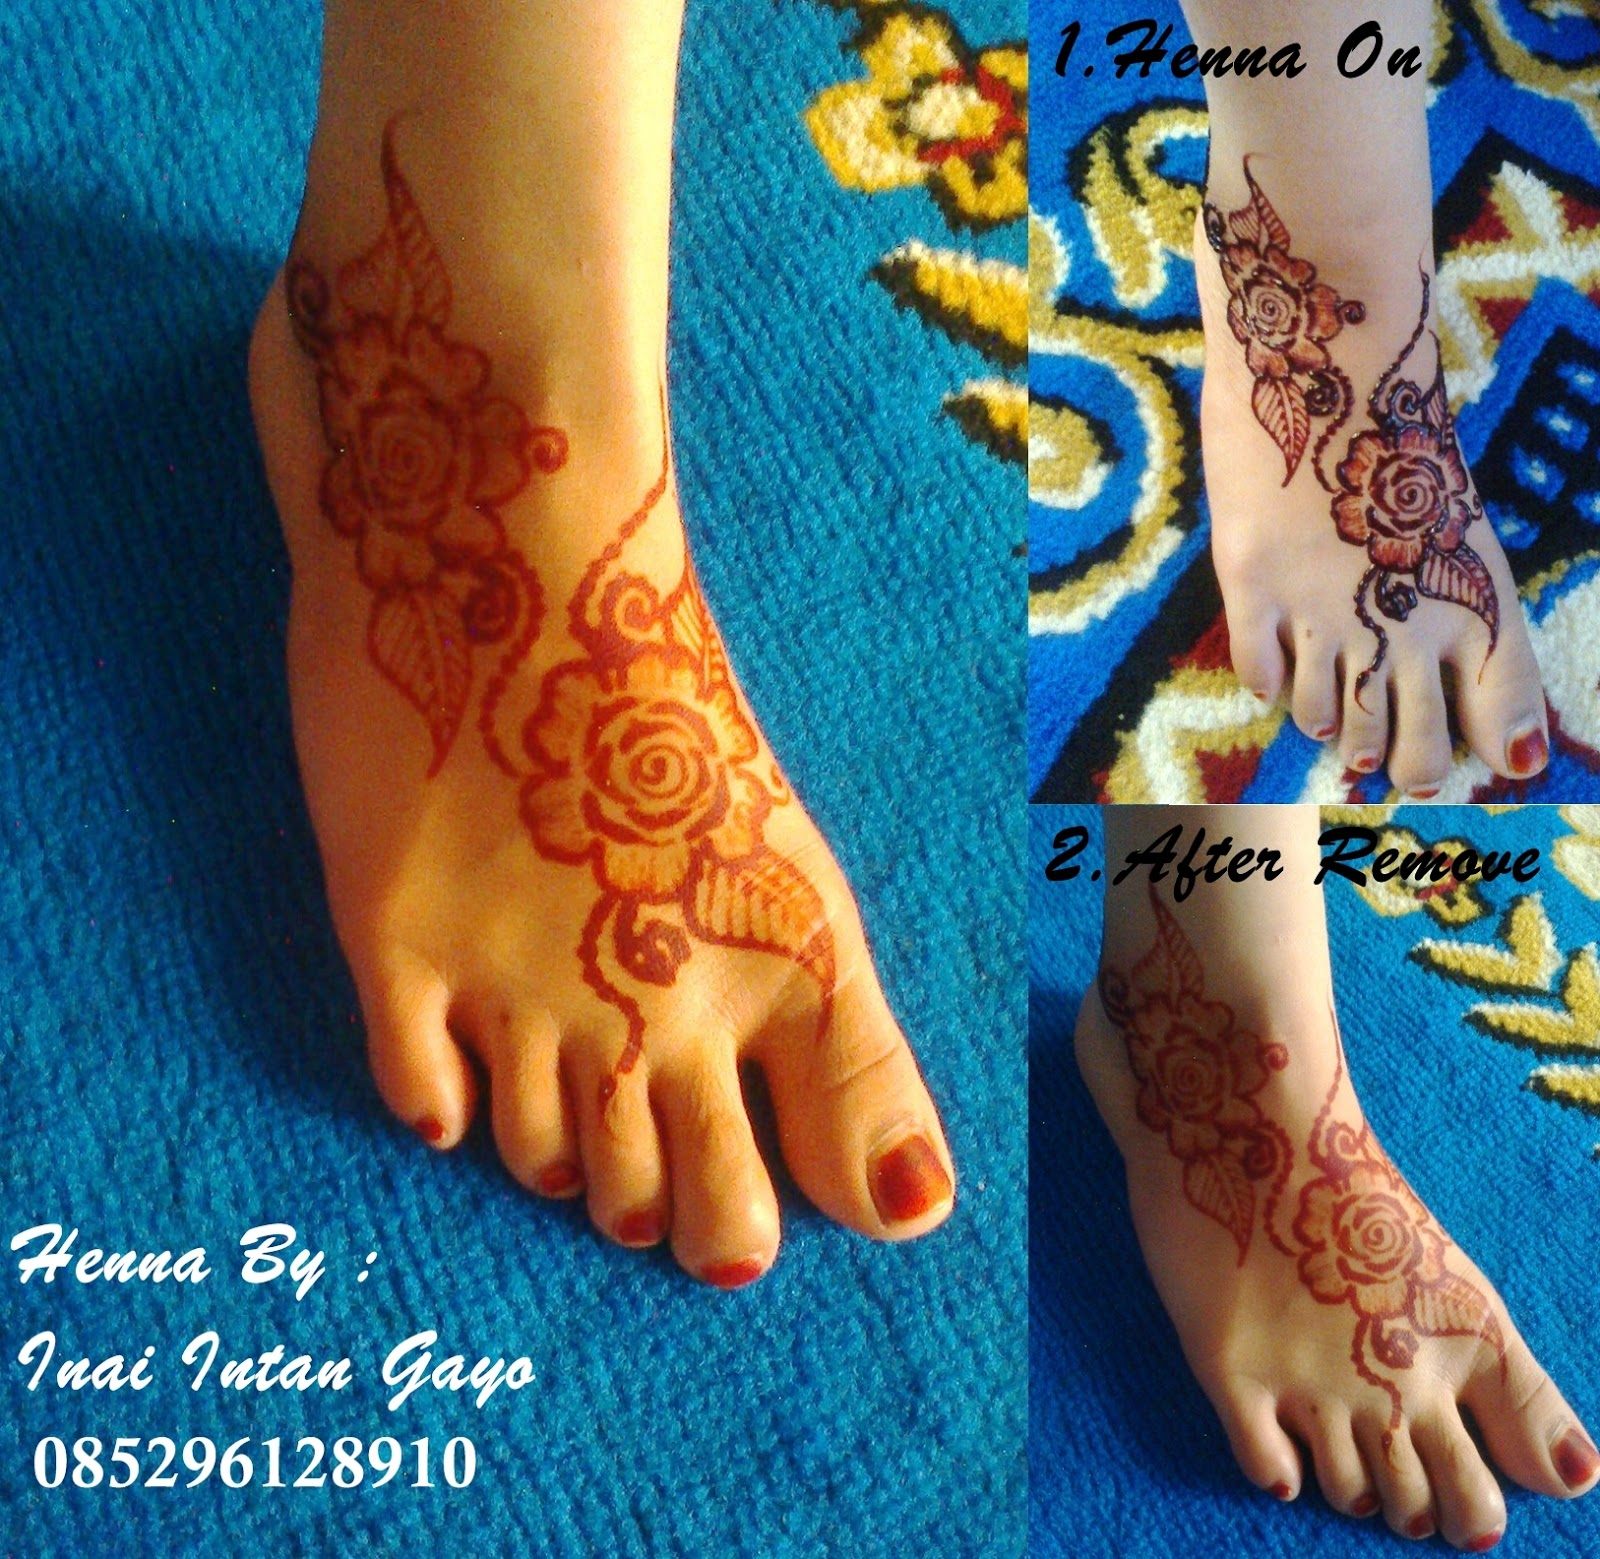 Inai Intan Gayo Design Henna Inai Intan Gayo